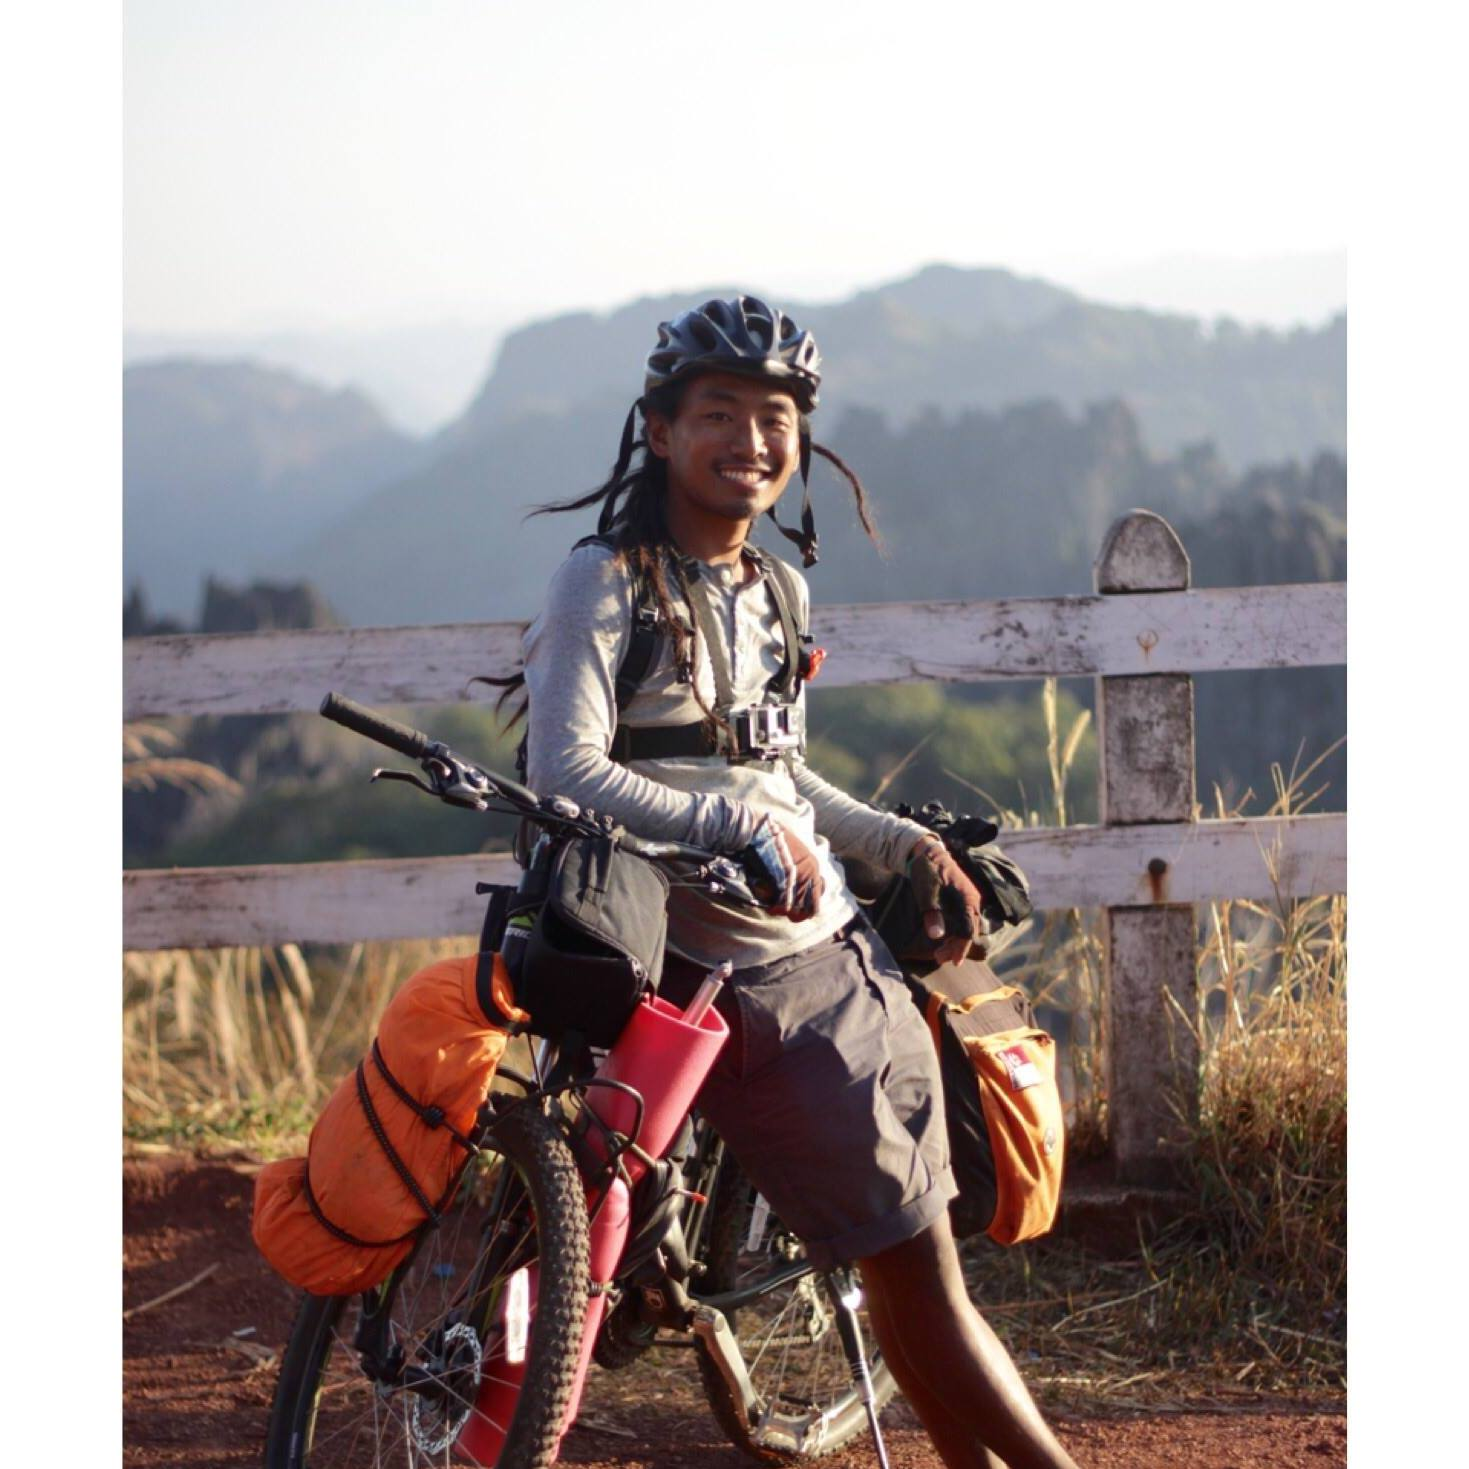 Nghe câu chuyện cô gái đi du lịch 193 nước bị ném đá, nghĩ về những lựa chọn sống cho tuổi thanh xuân - Ảnh 2.